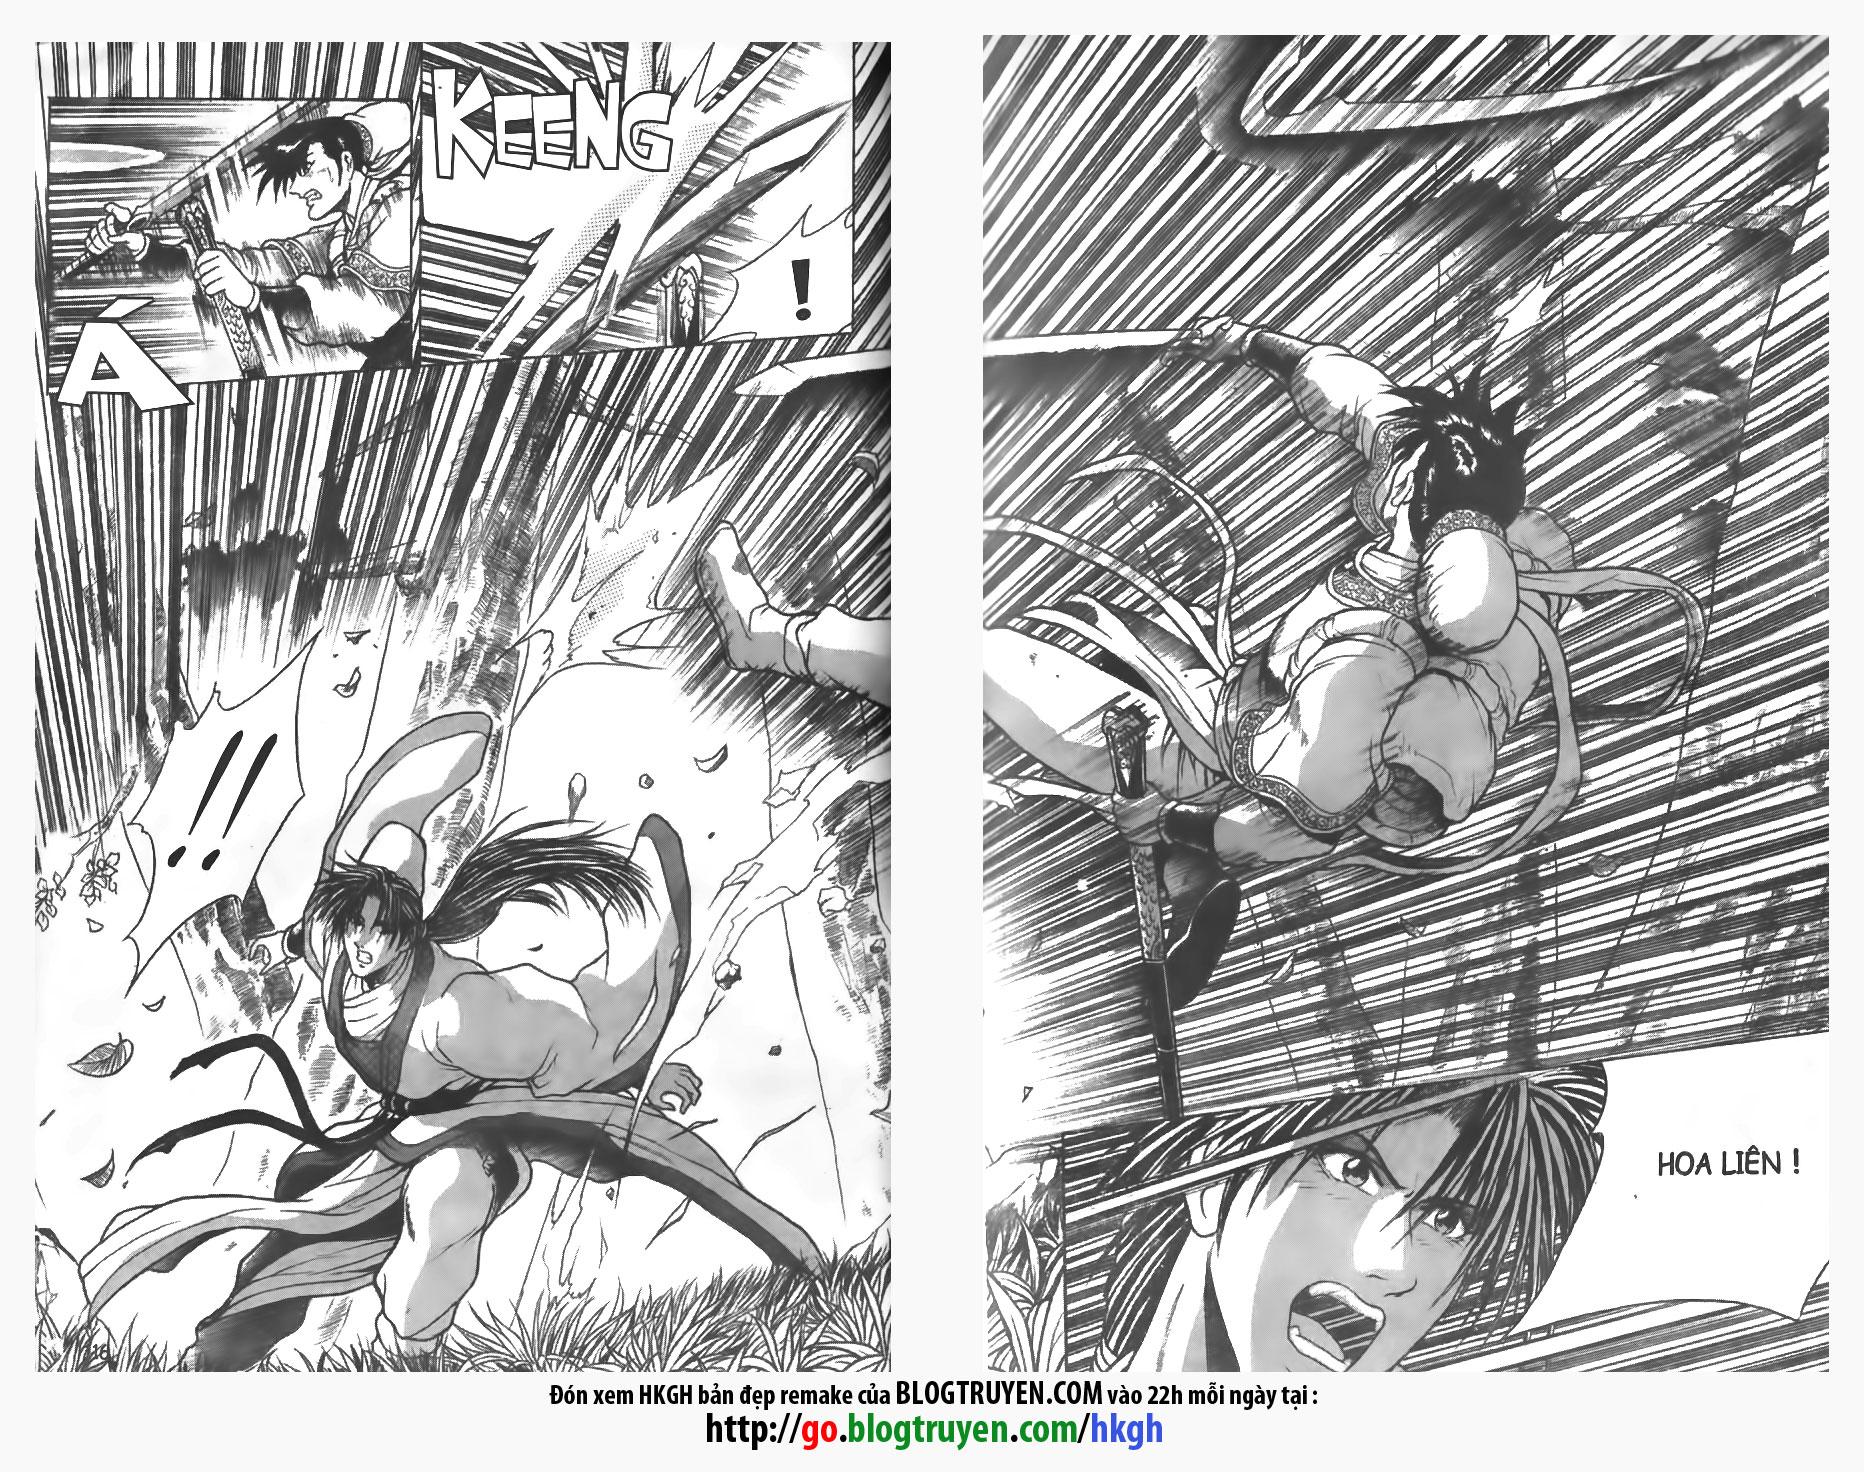 Hiệp Khách Giang Hồ - Hiệp Khách Giang Hồ Chap 086 - Pic 19